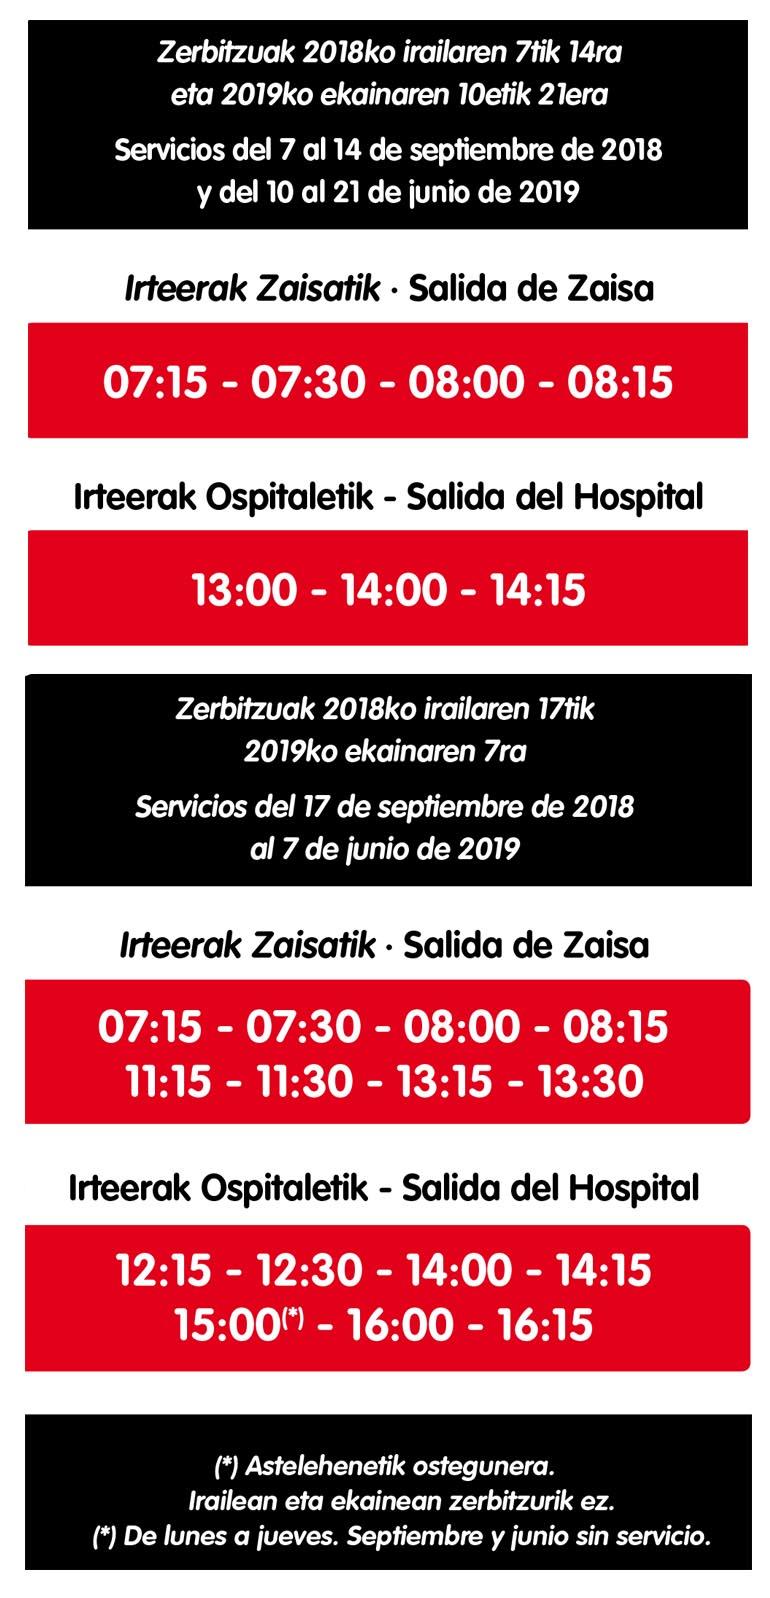 L1-Horarios-Zaisa-Ospitalea-Txingudi-Ikastola-2019